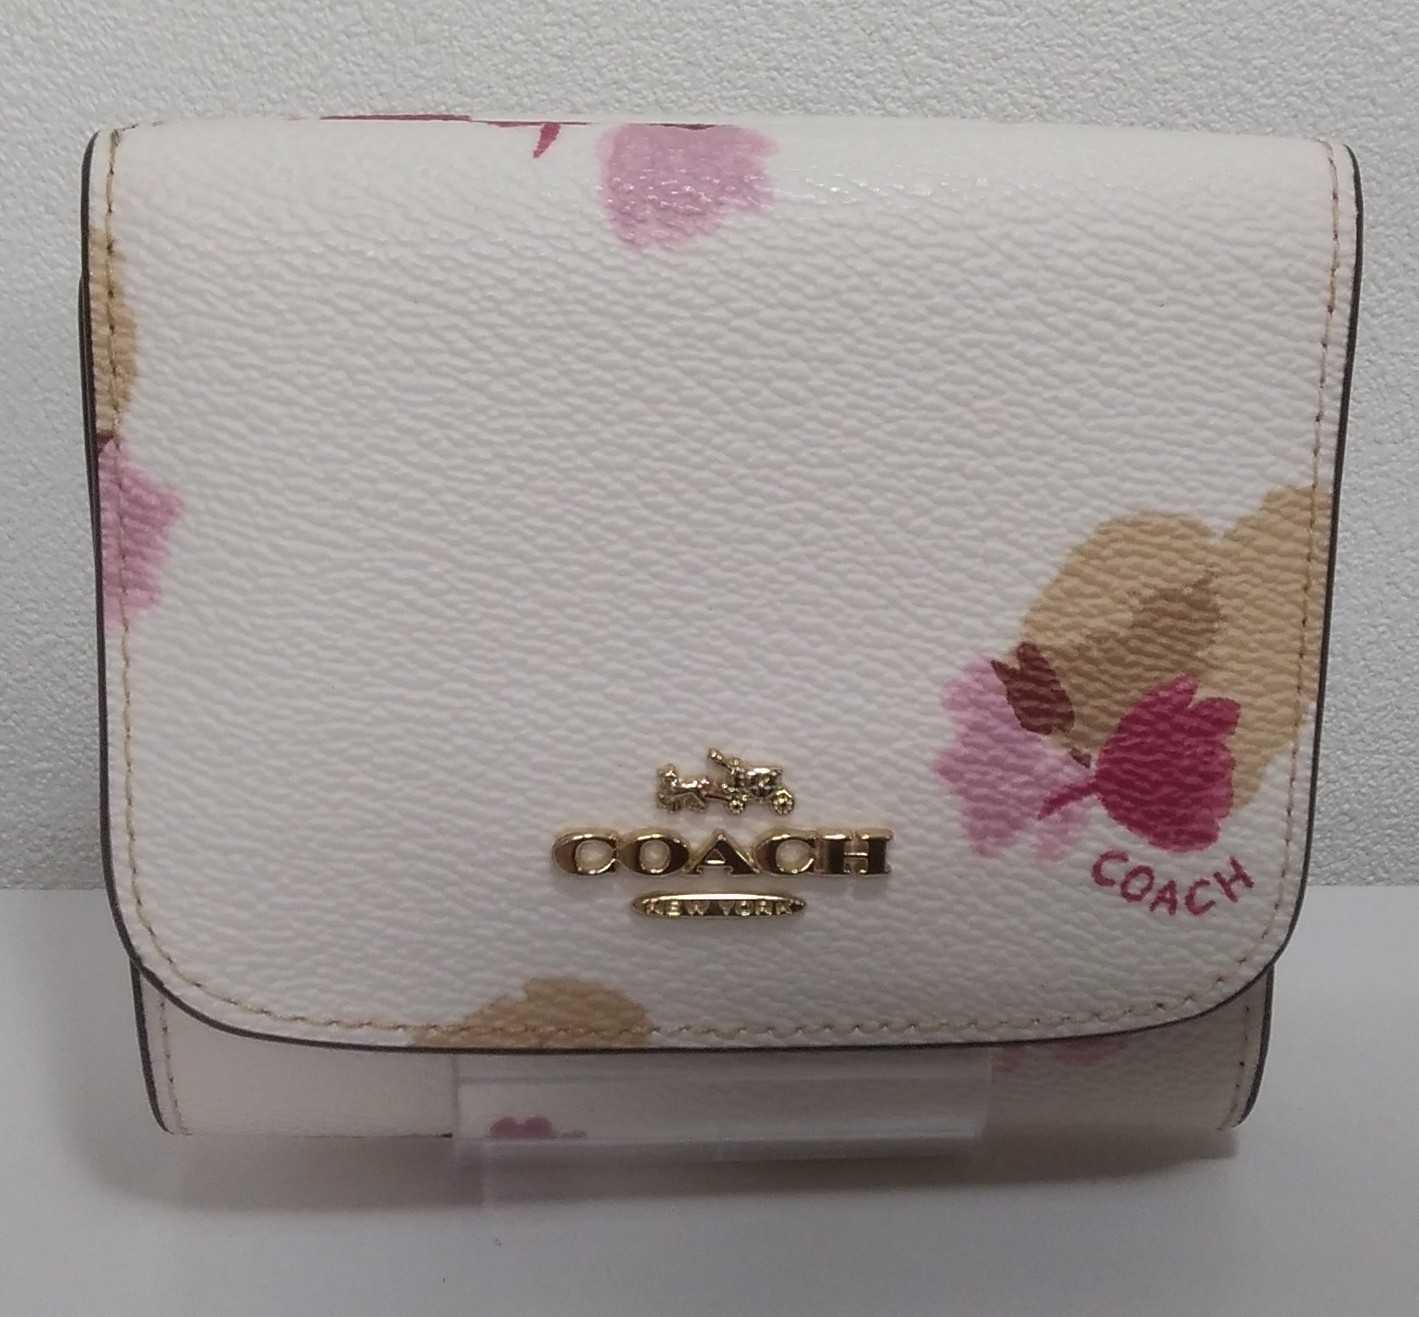 花柄三つ折財布 COACH